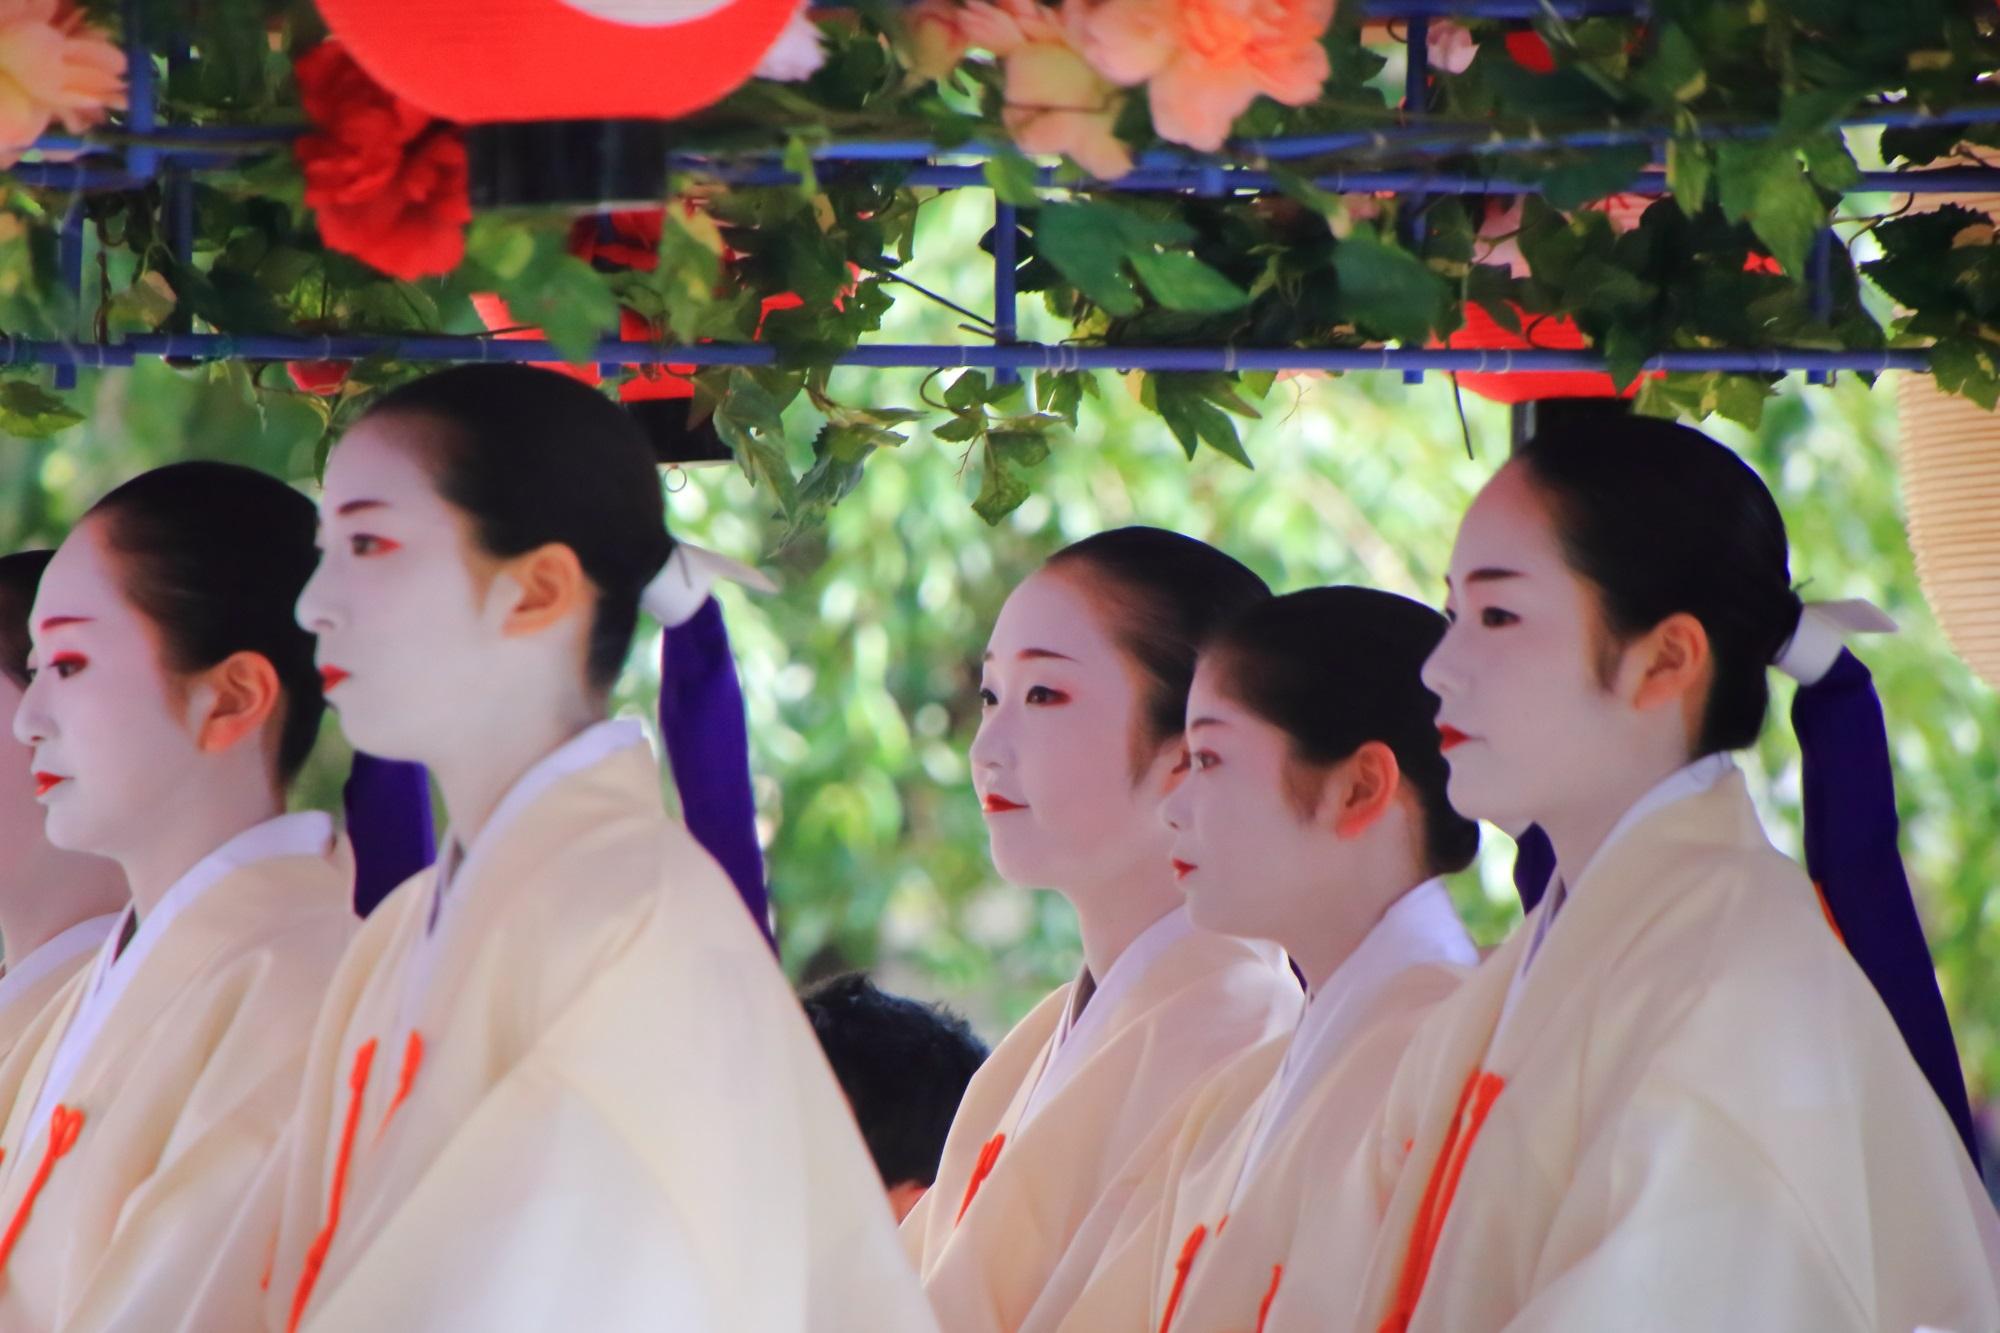 祇園祭の花傘巡行の舞妓さん(先斗町歌舞伎踊)